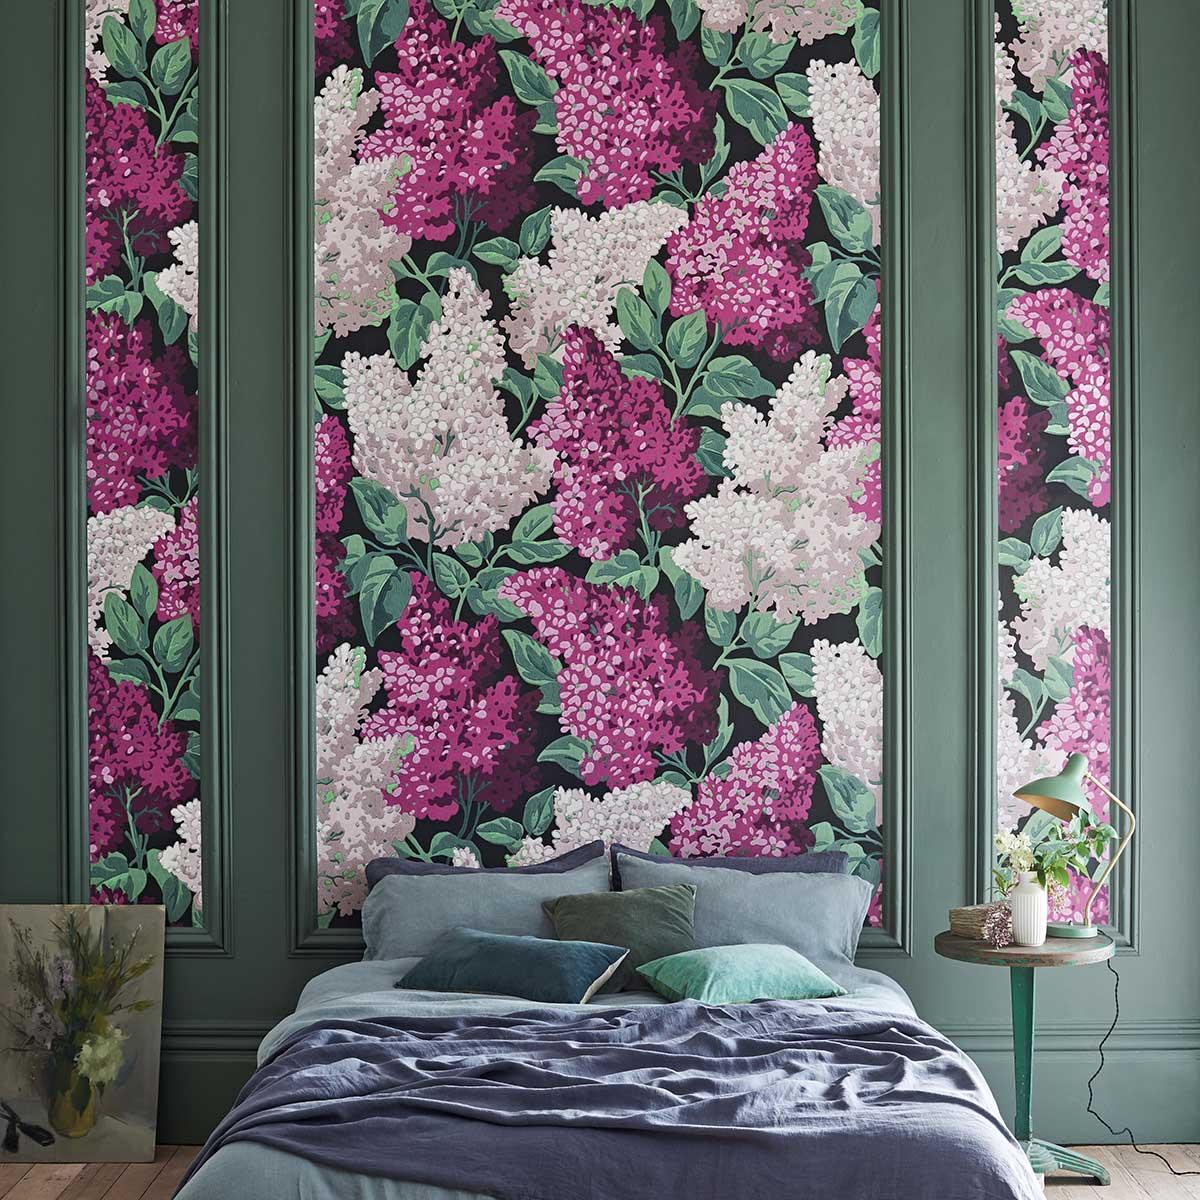 Cole & Son Lilac Grandiflora Magenta / Blush Wallpaper - Product code: 115/15045